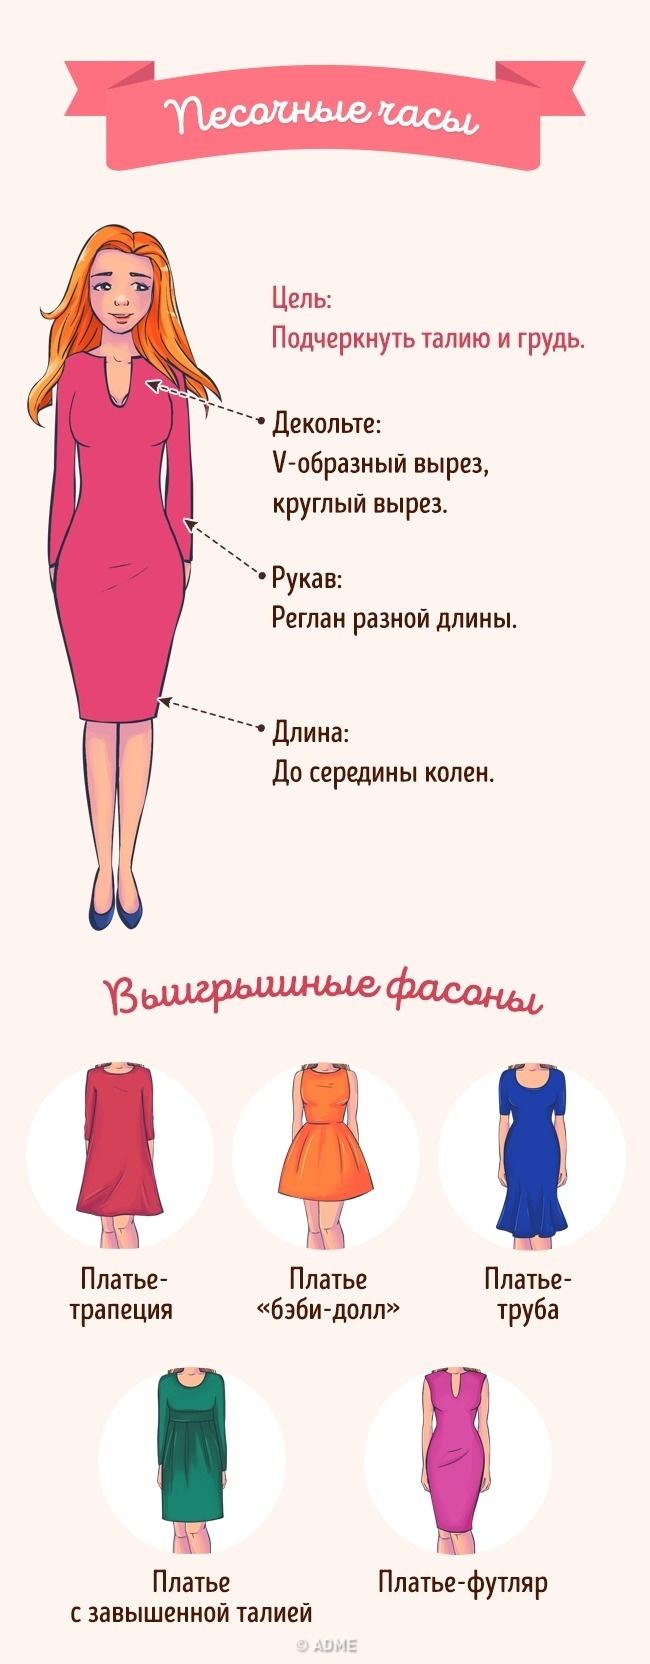 Как выбрать идеальное платье по типу фигуры женские хобби,полезные советы,рукоделие,своими руками,шитье